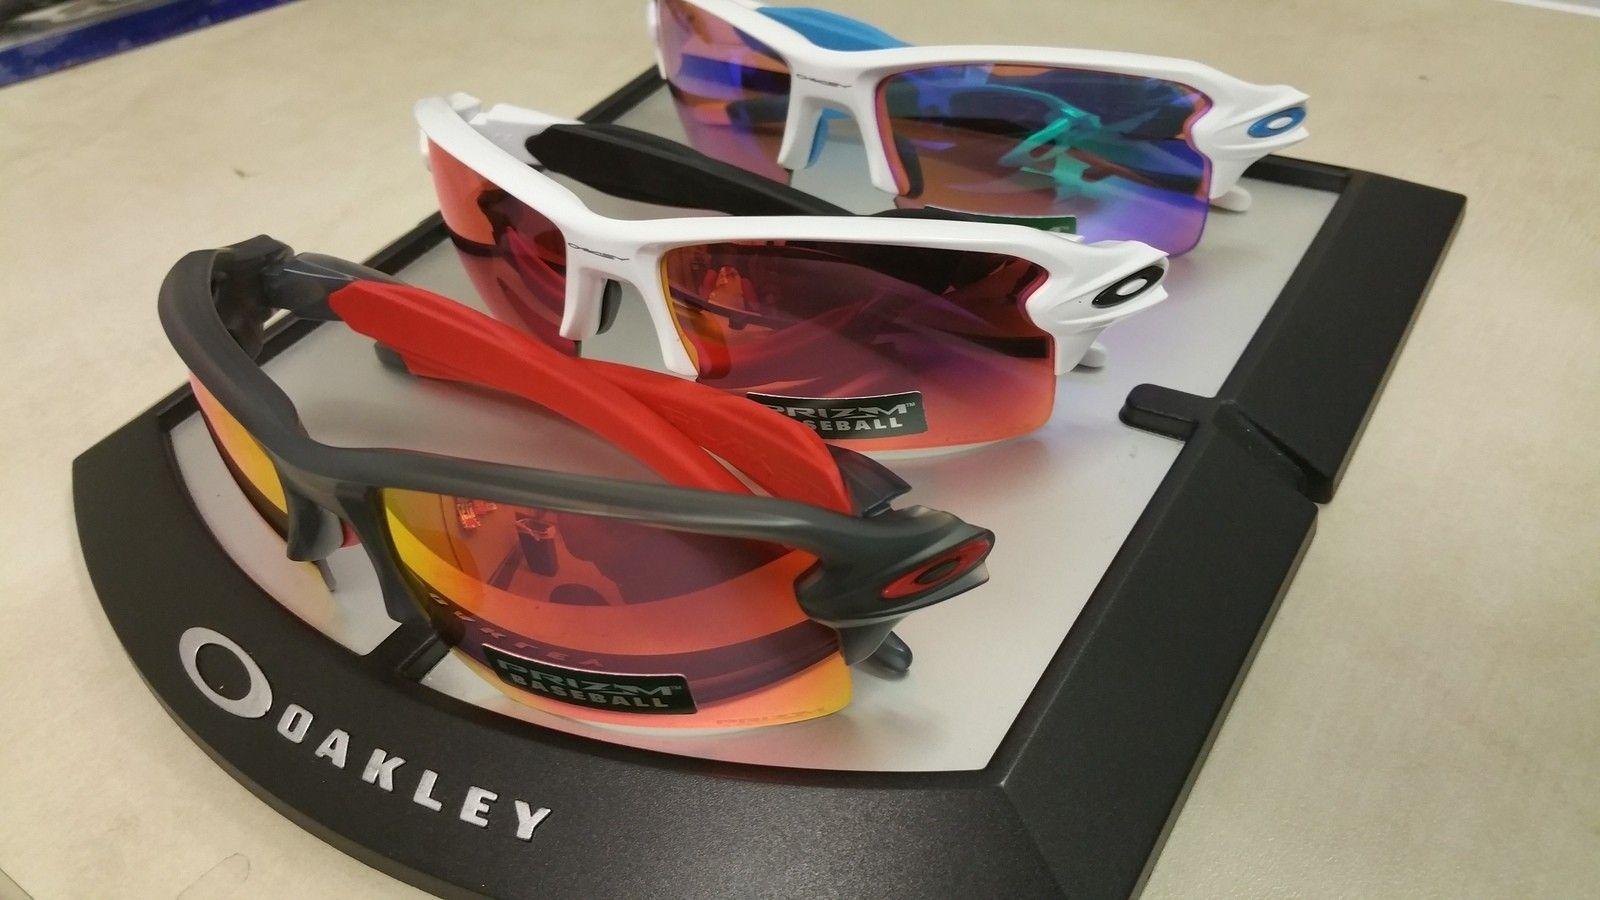 A few Prizm flak jacket 2.0 glasses for sale. - uploadfromtaptalk1438026308906.jpg